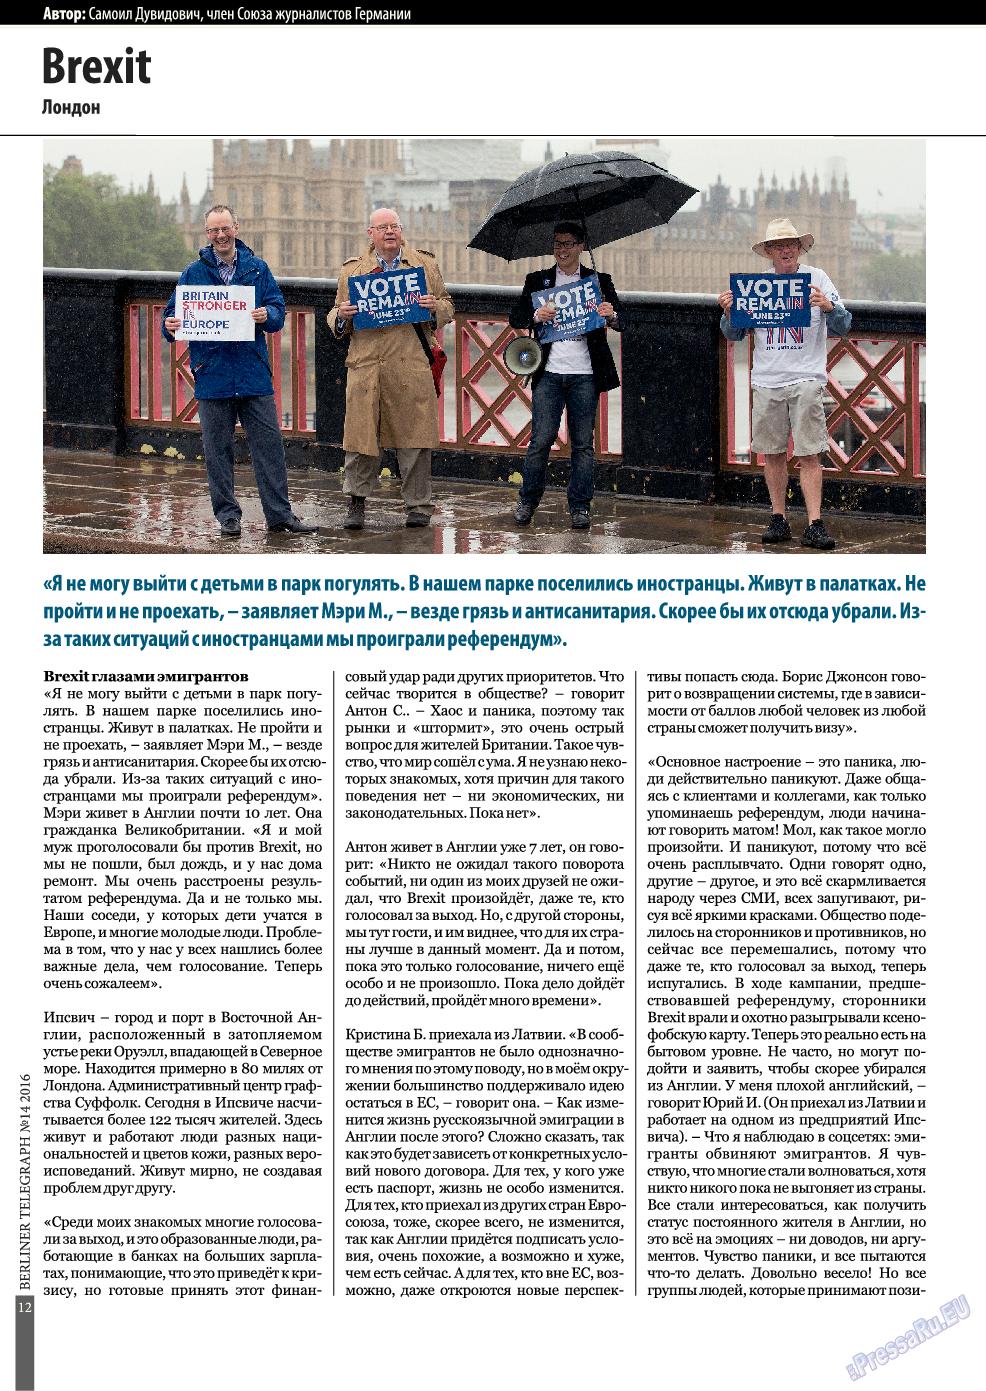 Берлинский телеграф (журнал). 2016 год, номер 14, стр. 12